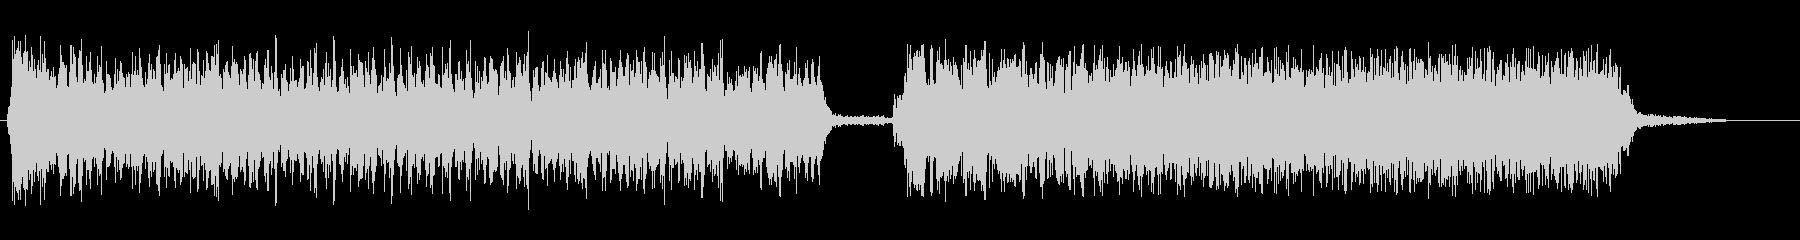 ビーンウィーン(強めのロボット音)の未再生の波形